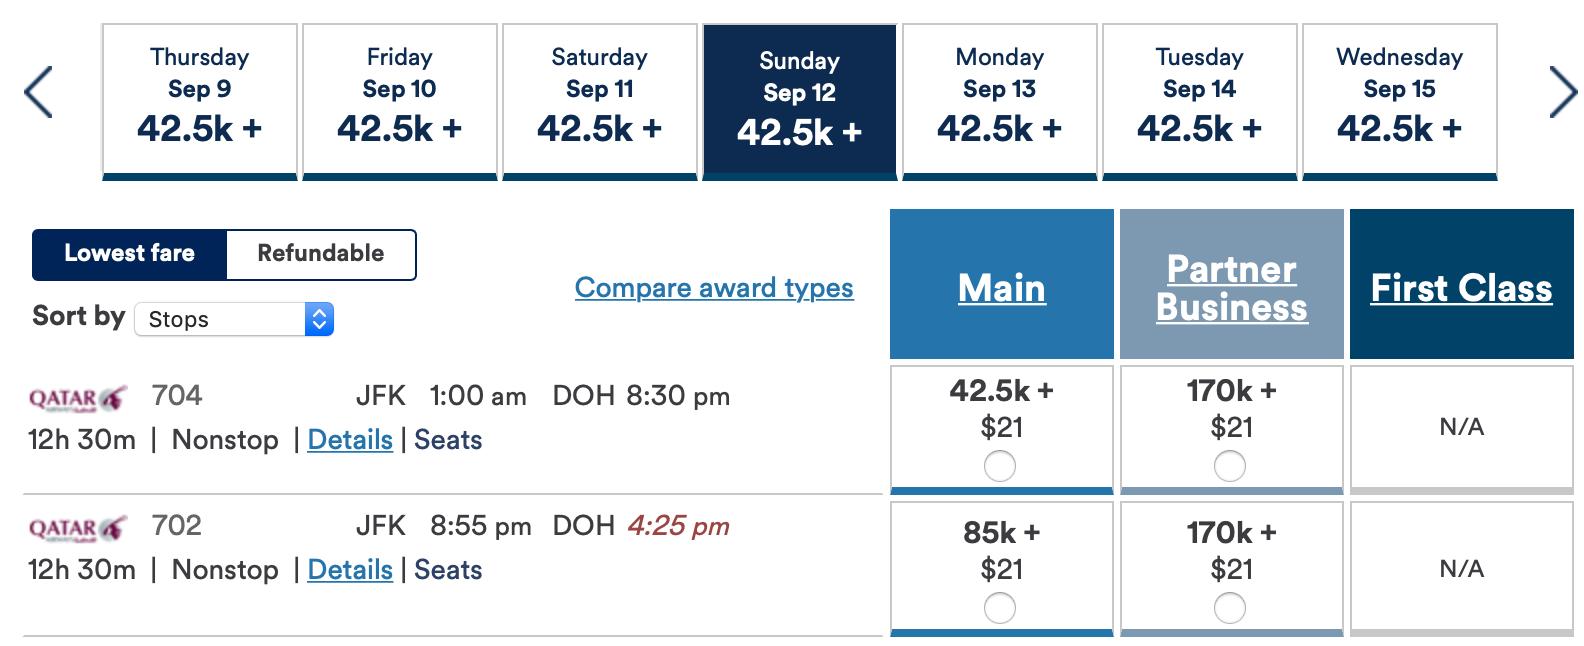 alaska airlines qatar awards